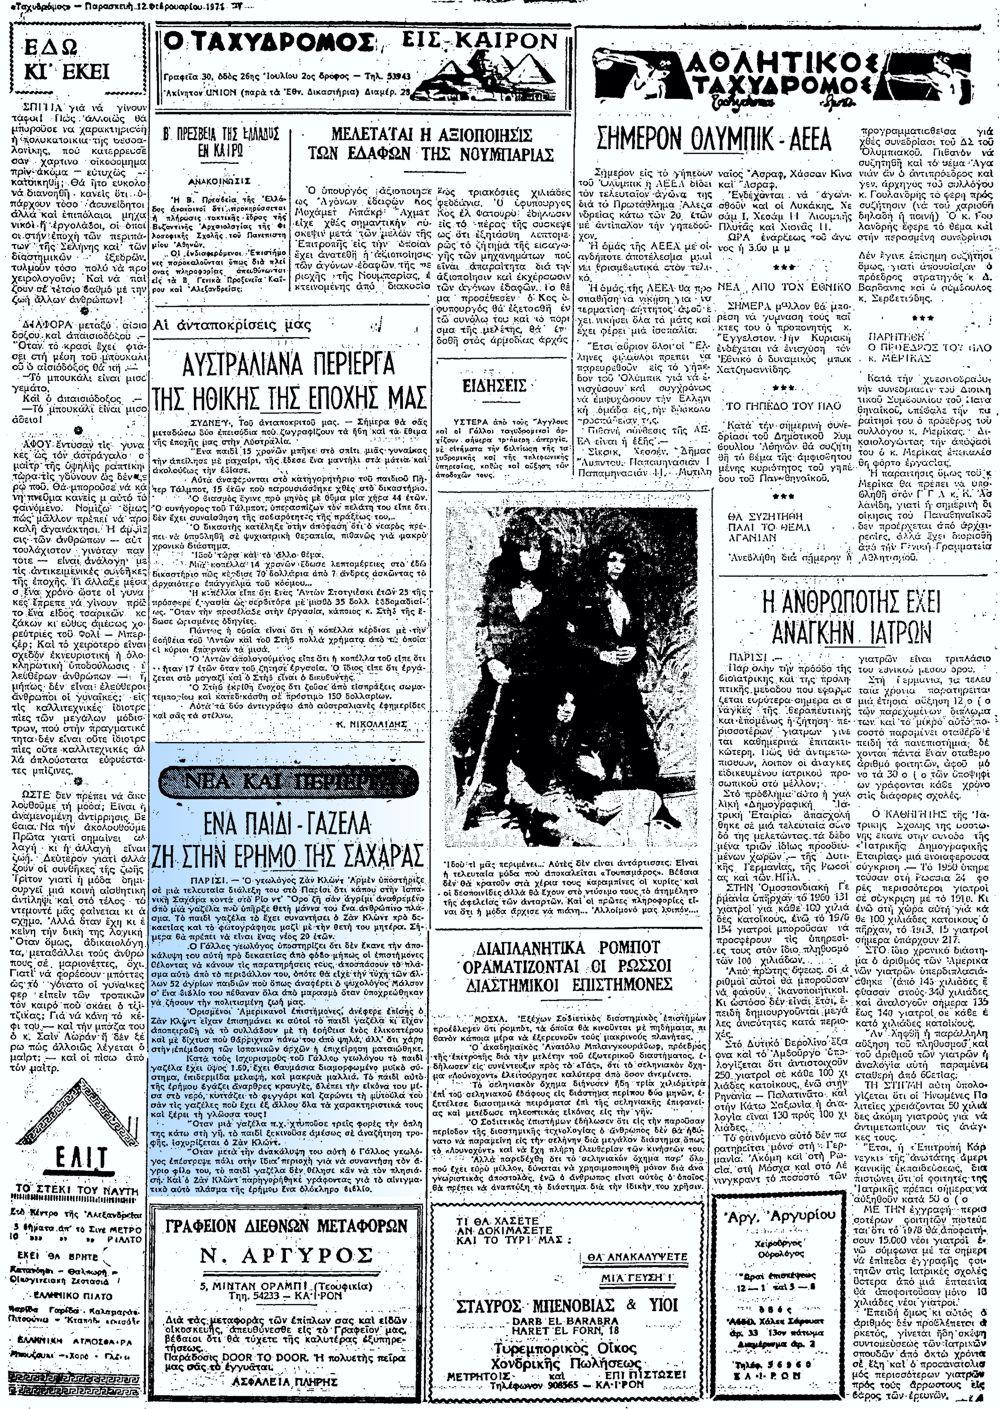 """Το άρθρο, όπως δημοσιεύθηκε στην εφημερίδα """"ΤΑΧΥΔΡΟΜΟΣ"""", στις 12/02/1971"""